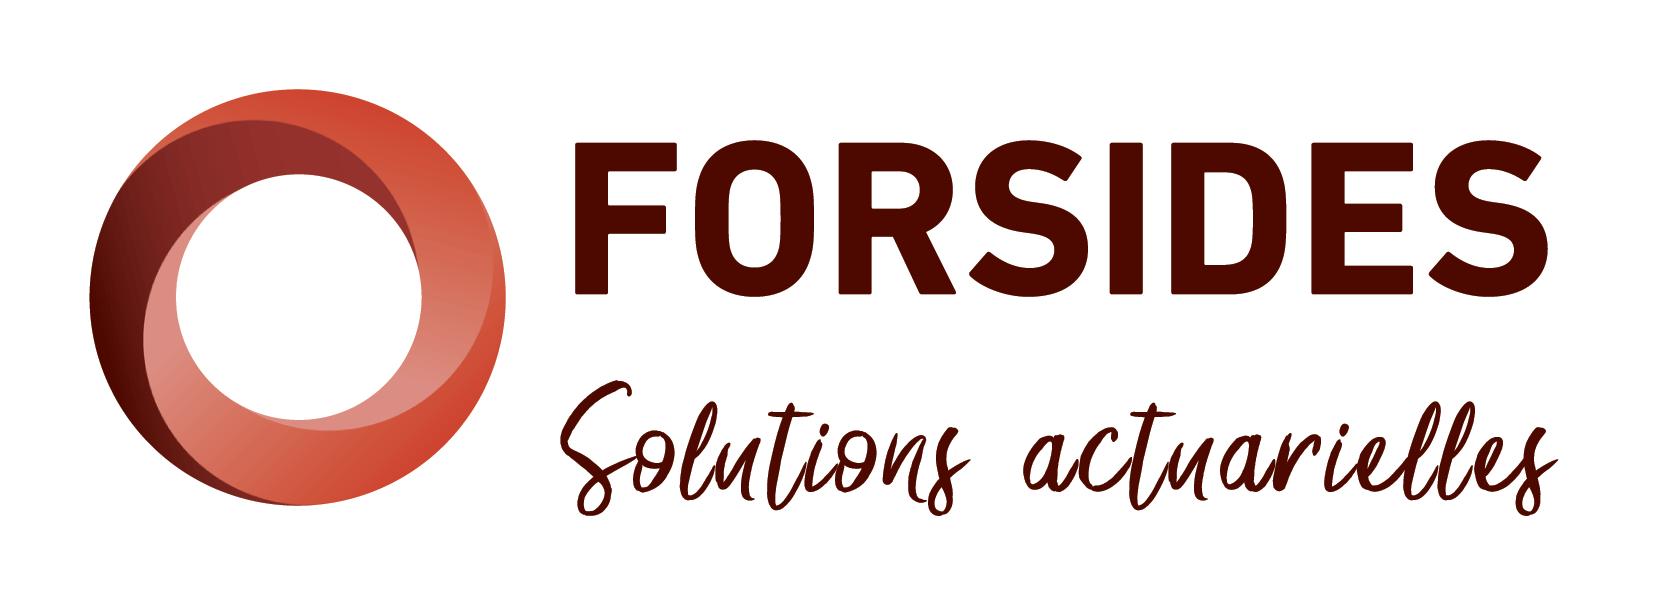 Ed360-FORSIDES-Logo-201907-SolutionsActuarielles